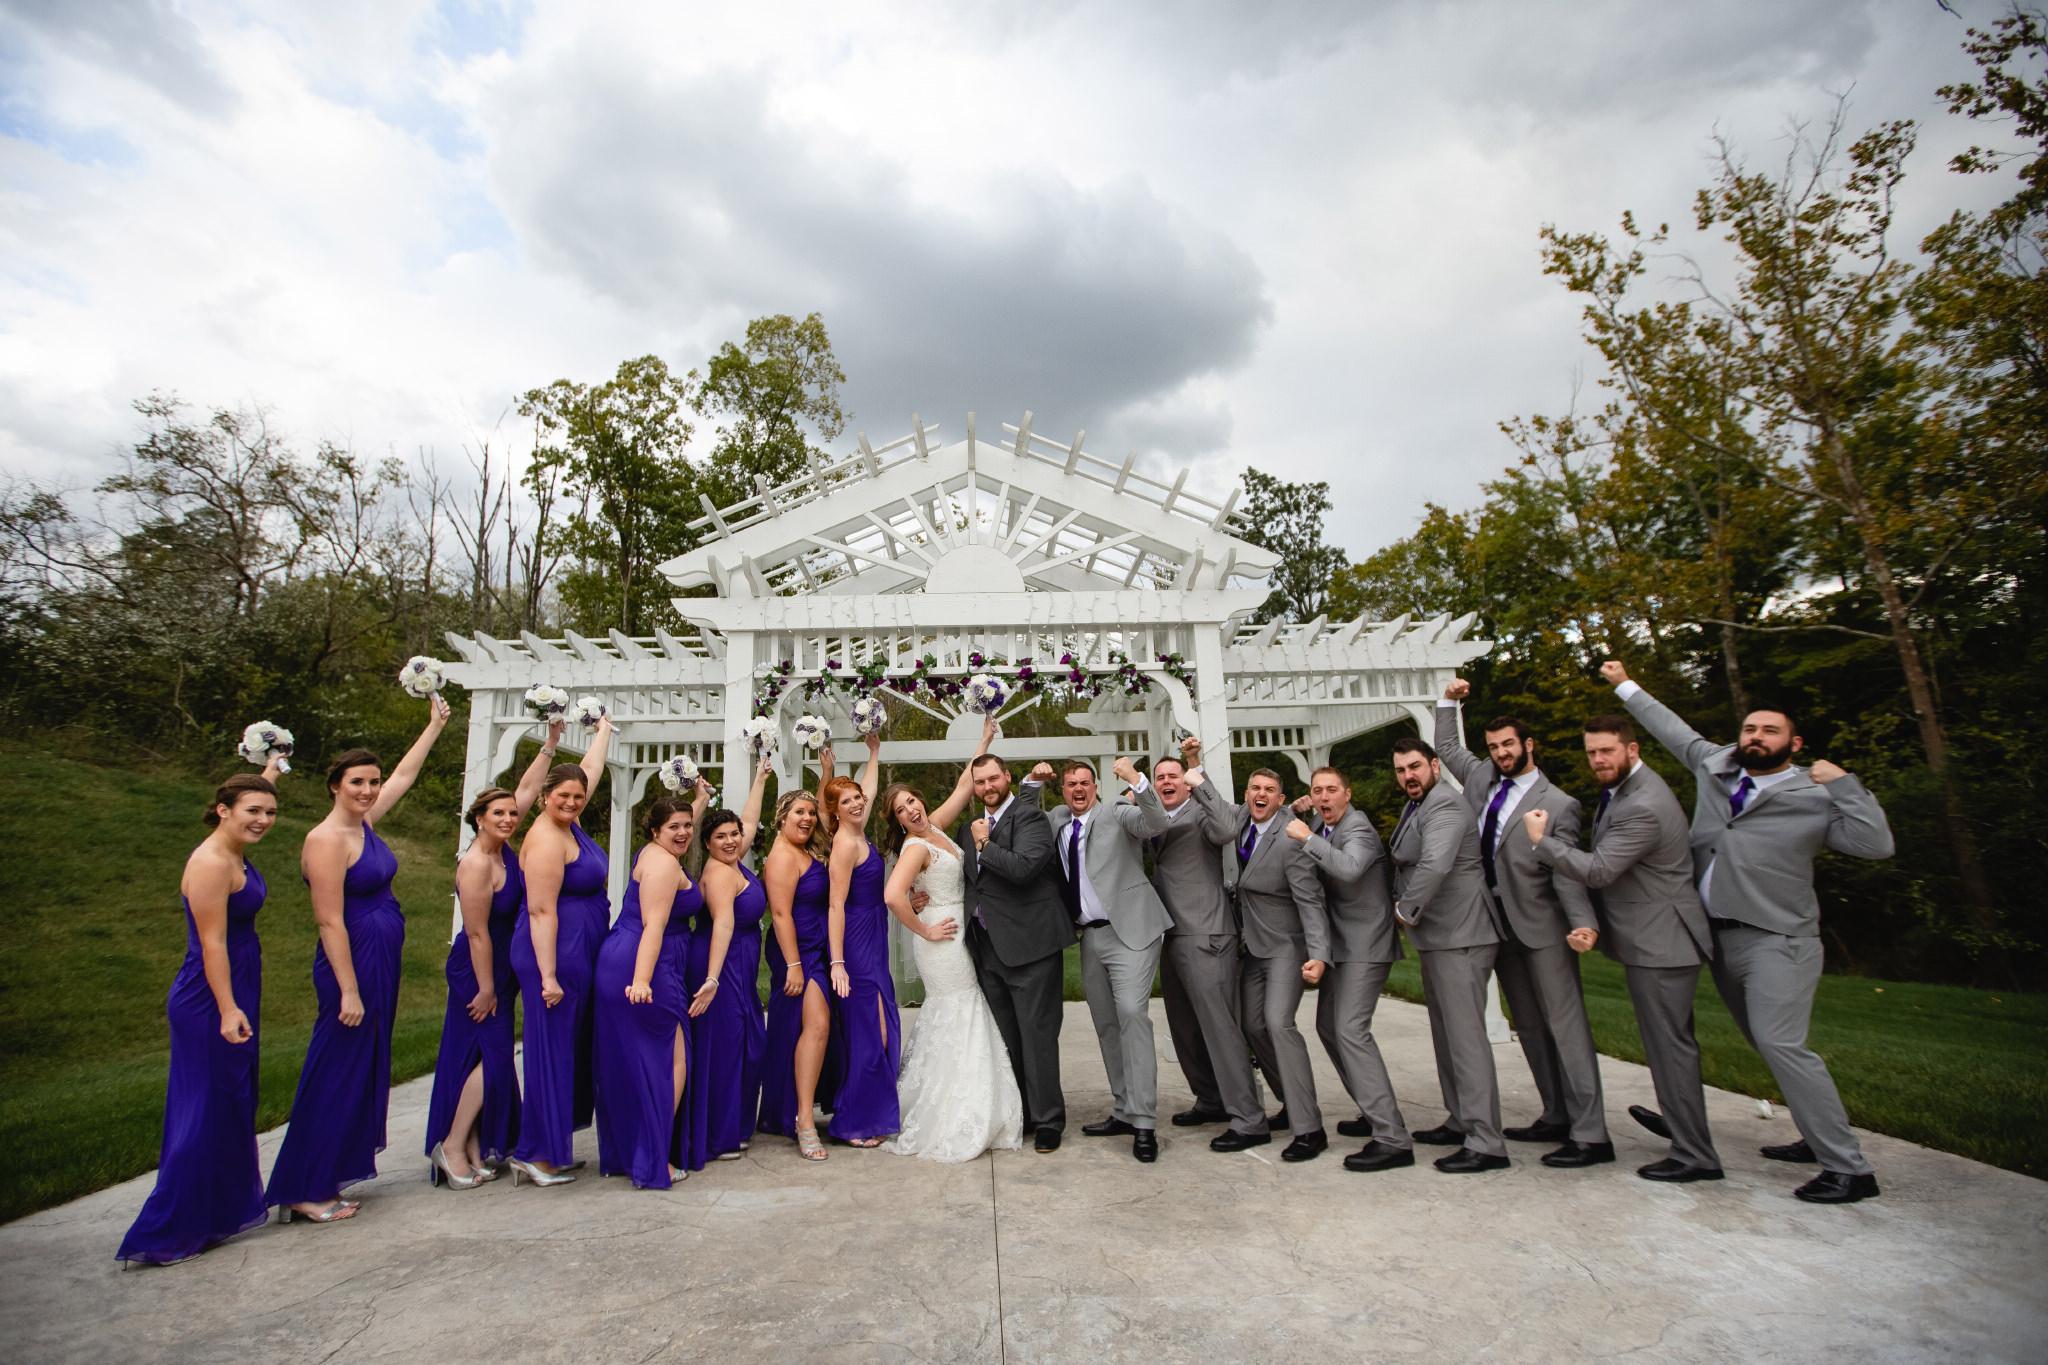 Rosewood Manor Wedding Venue, Photography, Photographer, Dayton, Ohio, Digital, Rights, Engagement, Engaged,